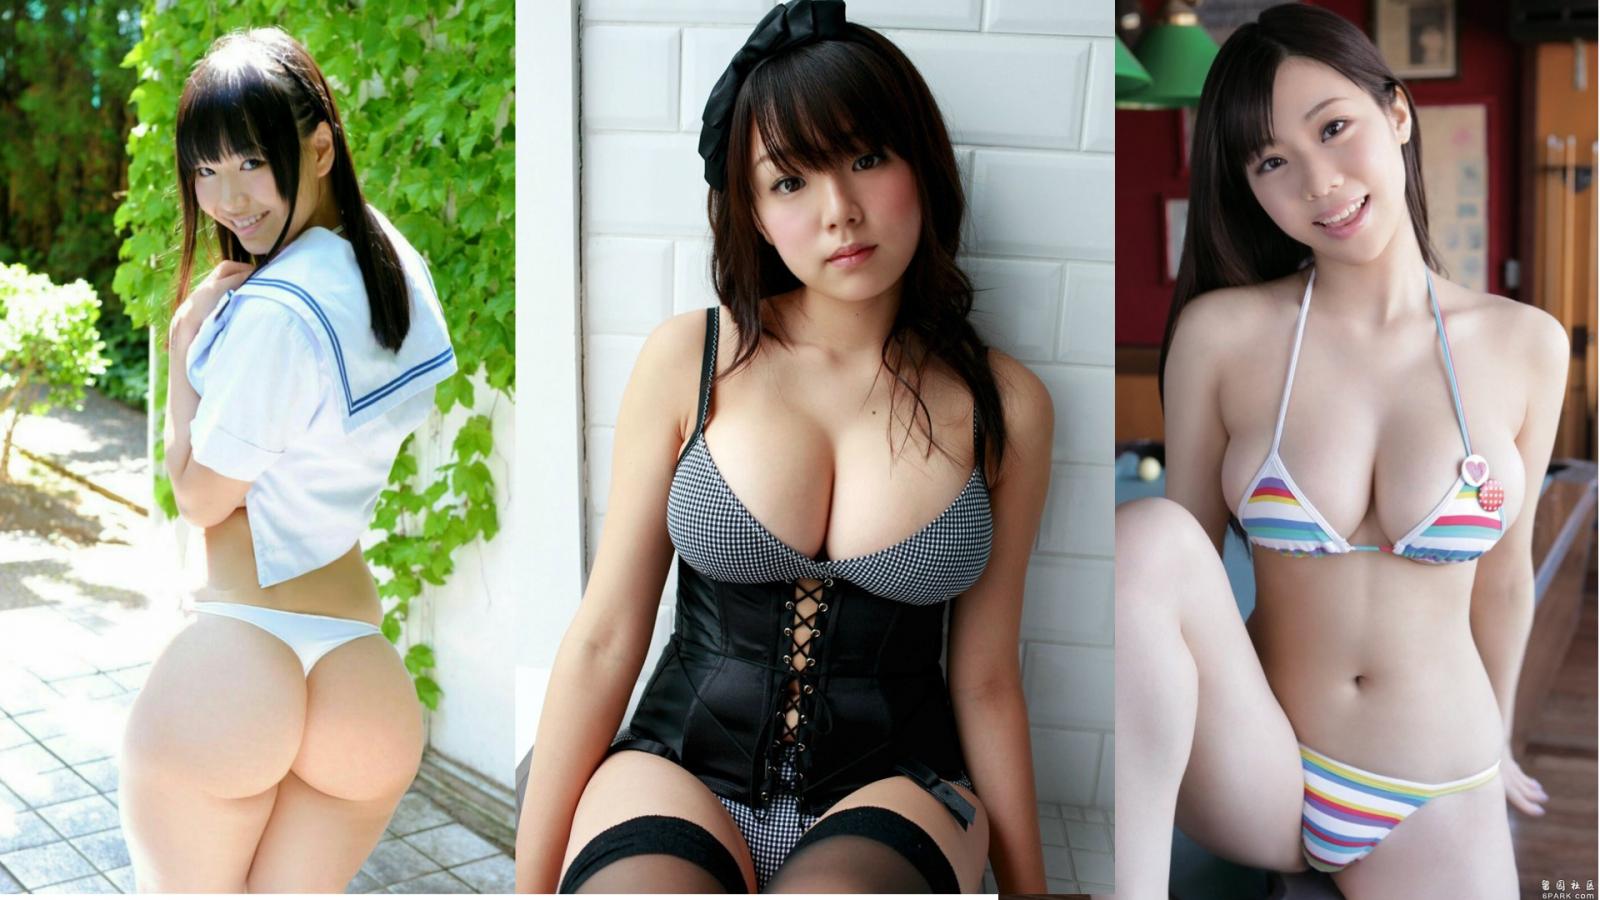 японки с шикарными бедрами фото - 6